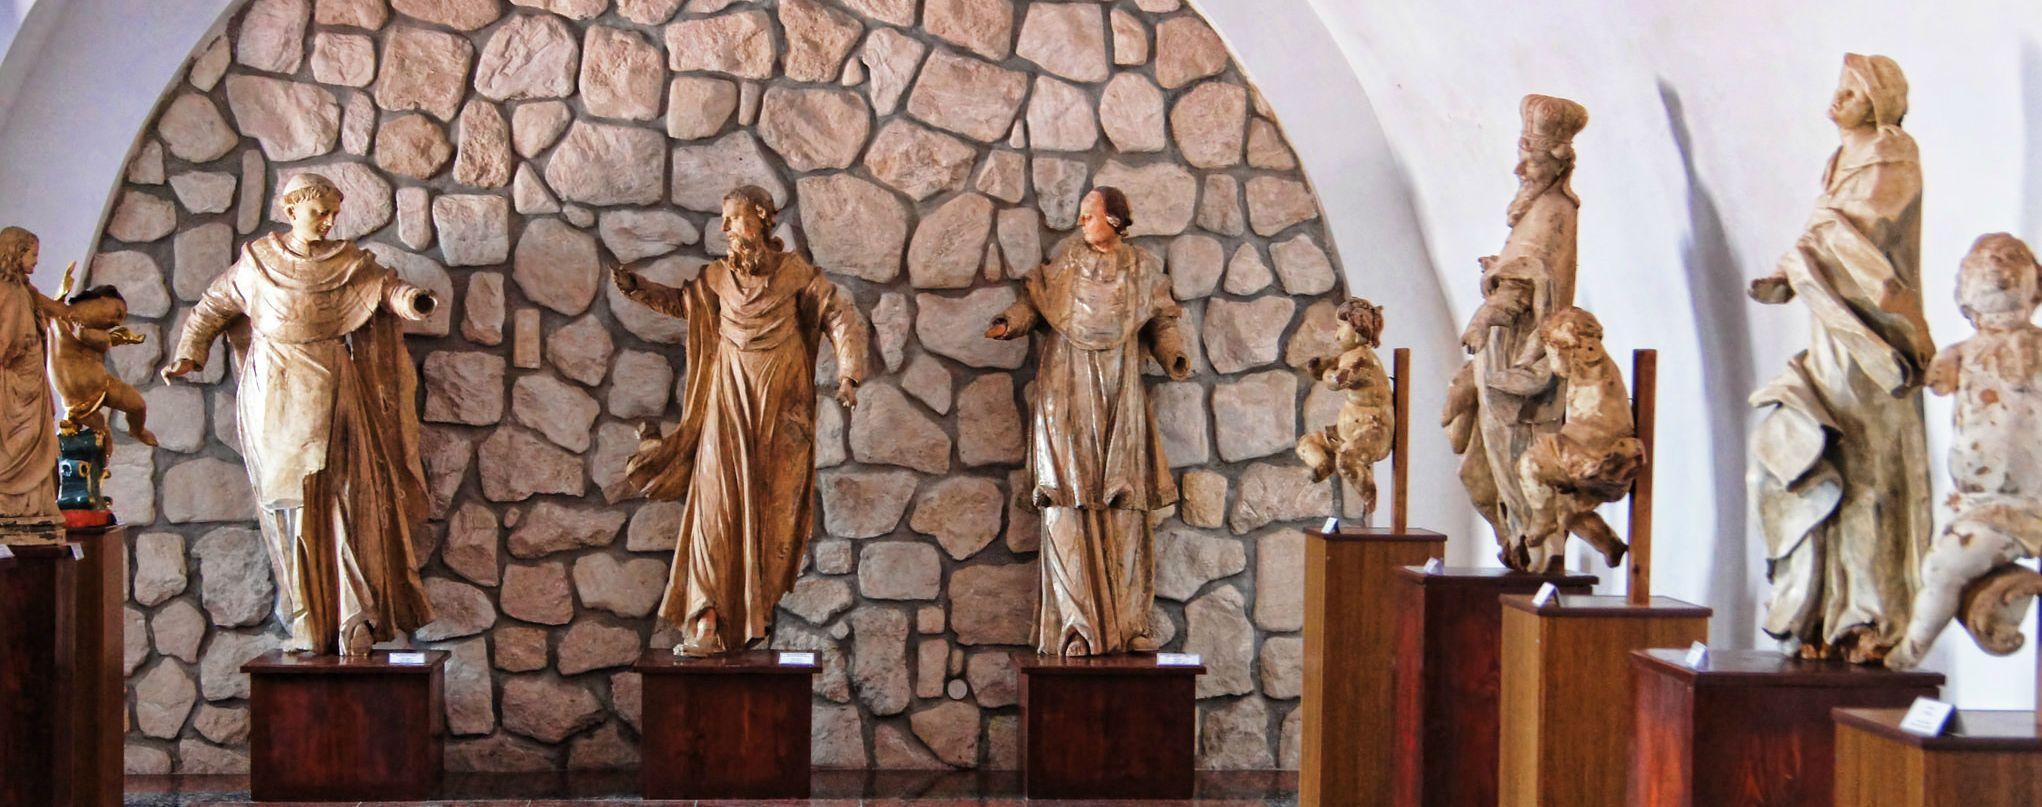 Збаражський замок, скульптури